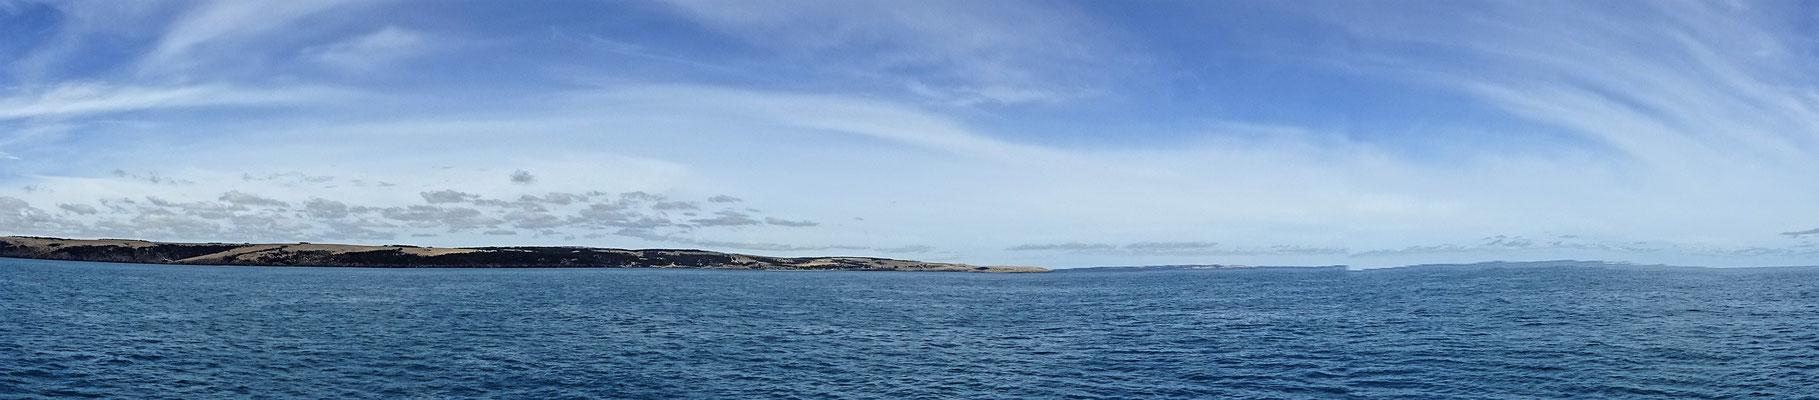 Der Blick auf die Insel.